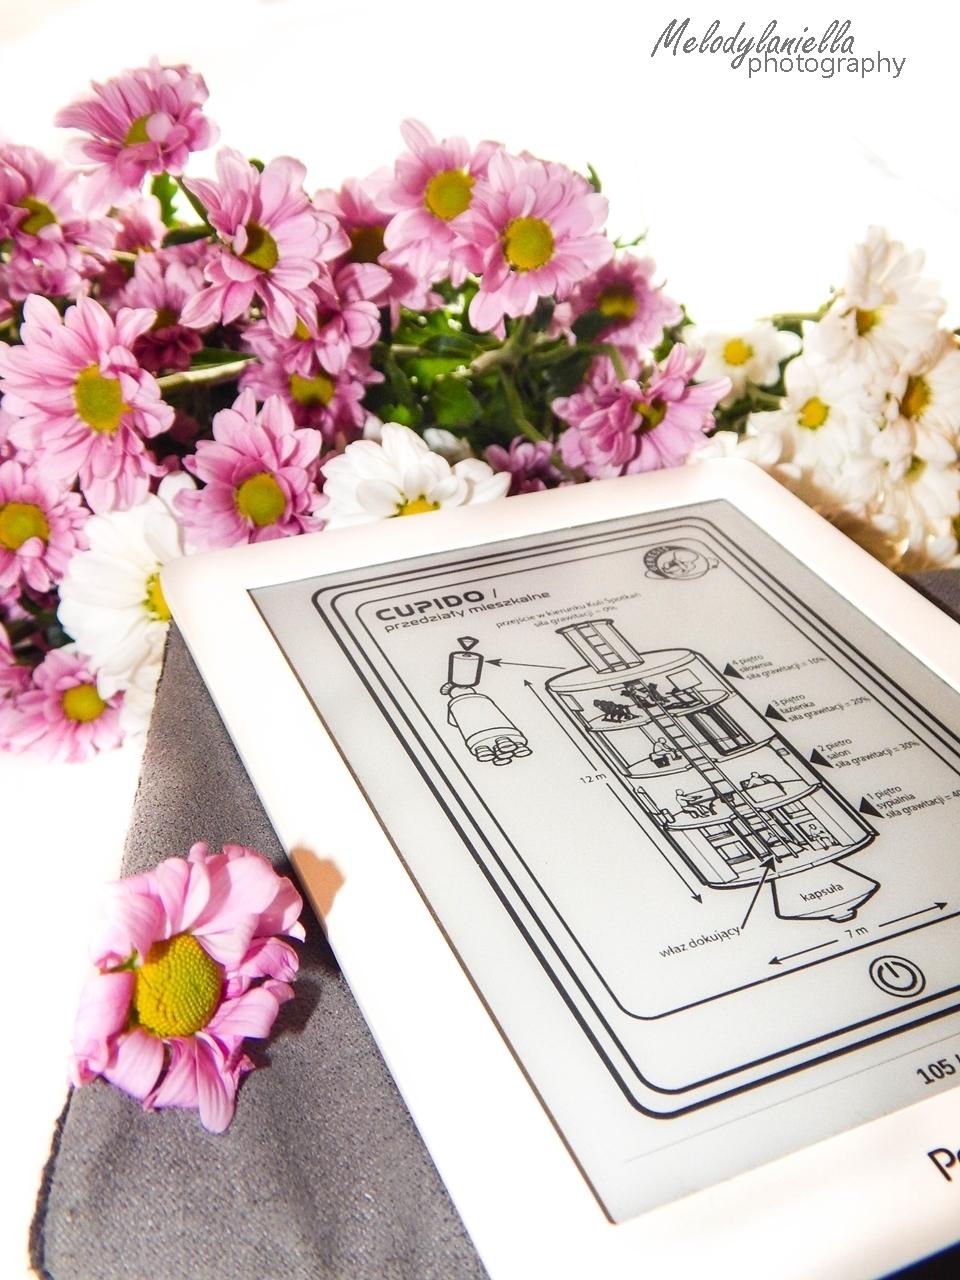 fobos czytnik ksiazka kawiaty melodylaniella wydawnictwo otwarte recenzja pocket book